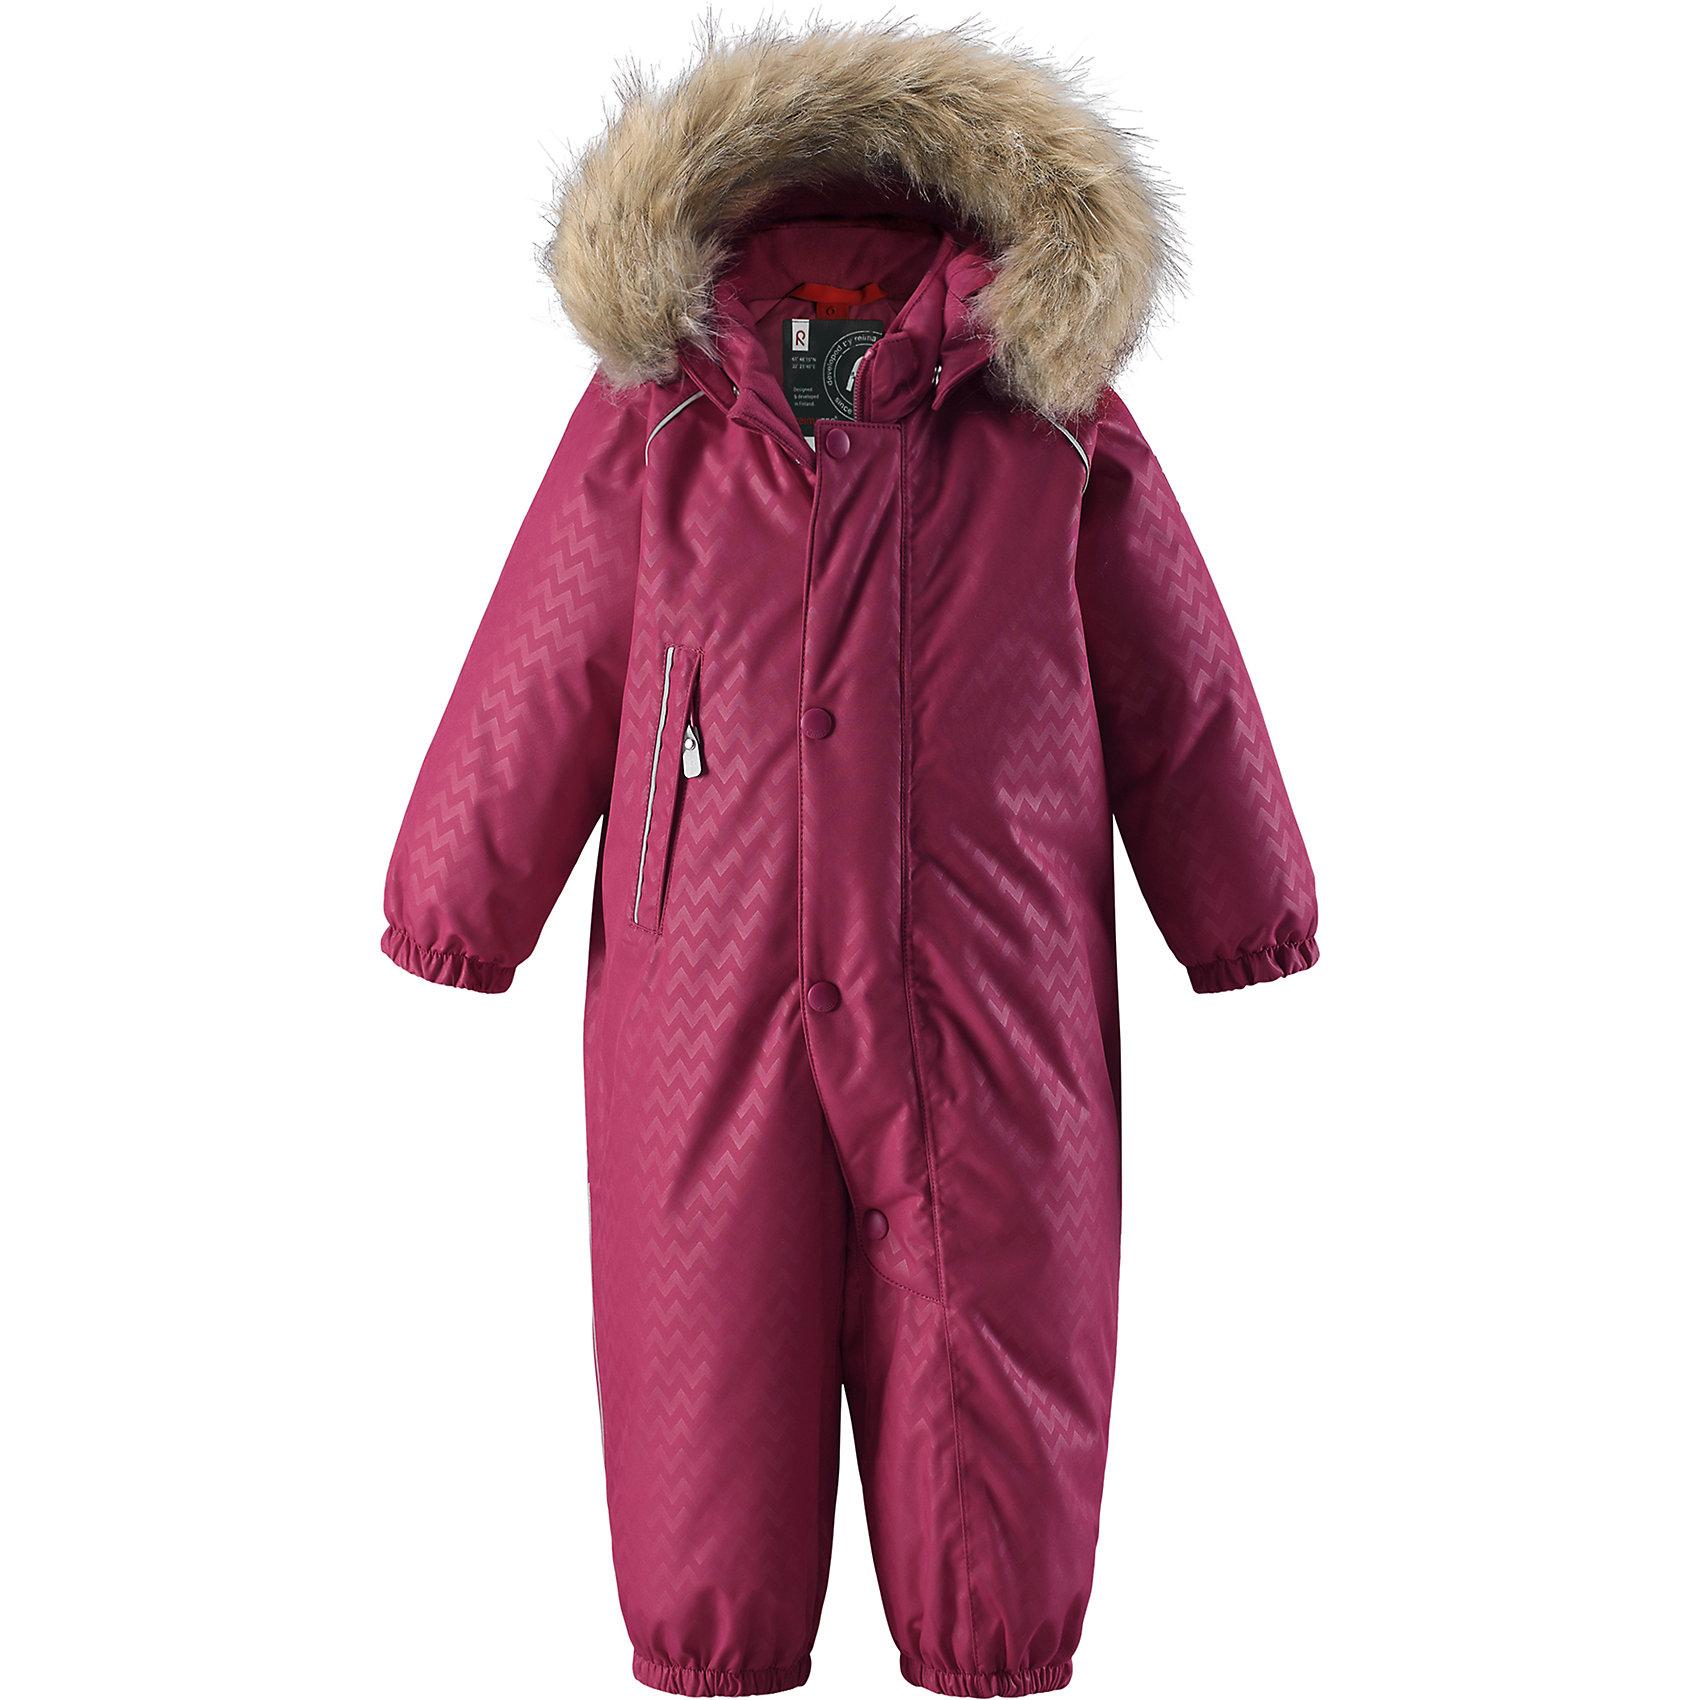 Комбинезон Reimatec®+ Reima AarenОдежда<br>Характеристики товара:<br><br>• цвет: розовый;<br>• состав: 100% полиэстер;<br>• подкладка: 100% полиэстер;<br>• утеплитель: 60% пух, 40% перо;<br>• сезон: зима;<br>• температурный режим: от 0 до -20С;<br>• водонепроницаемость: 15000 мм;<br>• воздухопроницаемость: 7000 мм;<br>• износостойкость: 40000 циклов (тест Мартиндейла);<br>• водо- и ветронепроницаемый, дышащий и грязеотталкивающий материал;<br>• все швы проклеены и водонепроницаемы;<br>• застежка: молния с защитой подбородка и дополнительной планкой на кнокпах;<br>• гладкая подкладка из полиэстера;<br>• безопасный, съемный и регулируемый капюшон;<br>• съемный искусственный мех на капюшоне;<br>• эластичные манжеты и штанины;<br>• эластичный пояс сзади;<br>• прочные съемные силиконовые штрипки;<br>• карман на молнии;<br>• светоотражающие детали;<br>• страна бренда: Финляндия;<br>• страна изготовитель: Китай.<br><br>Невероятно теплый, практичный и абсолютно непромокаемый пуховый комбинезон для малышей просто создан для активных зимних прогулок! Пуховый комбинезон Reimatec®+ с эргономичным дизайном изготовлен из ветронепроницаемого, дышащего материала с водо и грязеотталкивающей поверхностью. Все швы проклеены, водонепроницаемы, так что вашему ребенку будет сухо и тепло в любую погоду. <br><br>Благодаря утепленной задней части, детям будет комфортно резвиться в снегу, а благодаря прочным силиконовым штрипкам, концы брючин всегда будут надежно держаться поверх ботинок. Съемный регулируемый капюшон со съемной оторочкой из искусственного меха защищает от пронизывающего ветра и безопасен во время игр на свежем воздухе. Комбинезон с подкладкой из гладкого полиэстера легко надевается, и его очень удобно носить с теплым промежуточным слоем. <br><br>С помощью удобных кнопок Play Layers® к этому комбинезону можно присоединять одежду промежуточного слоя Reima®, которая подарит вашему ребенку дополнительное тепло и комфорт. Этот теплый пуховый комбинезон очень прост в уходе, кроме 